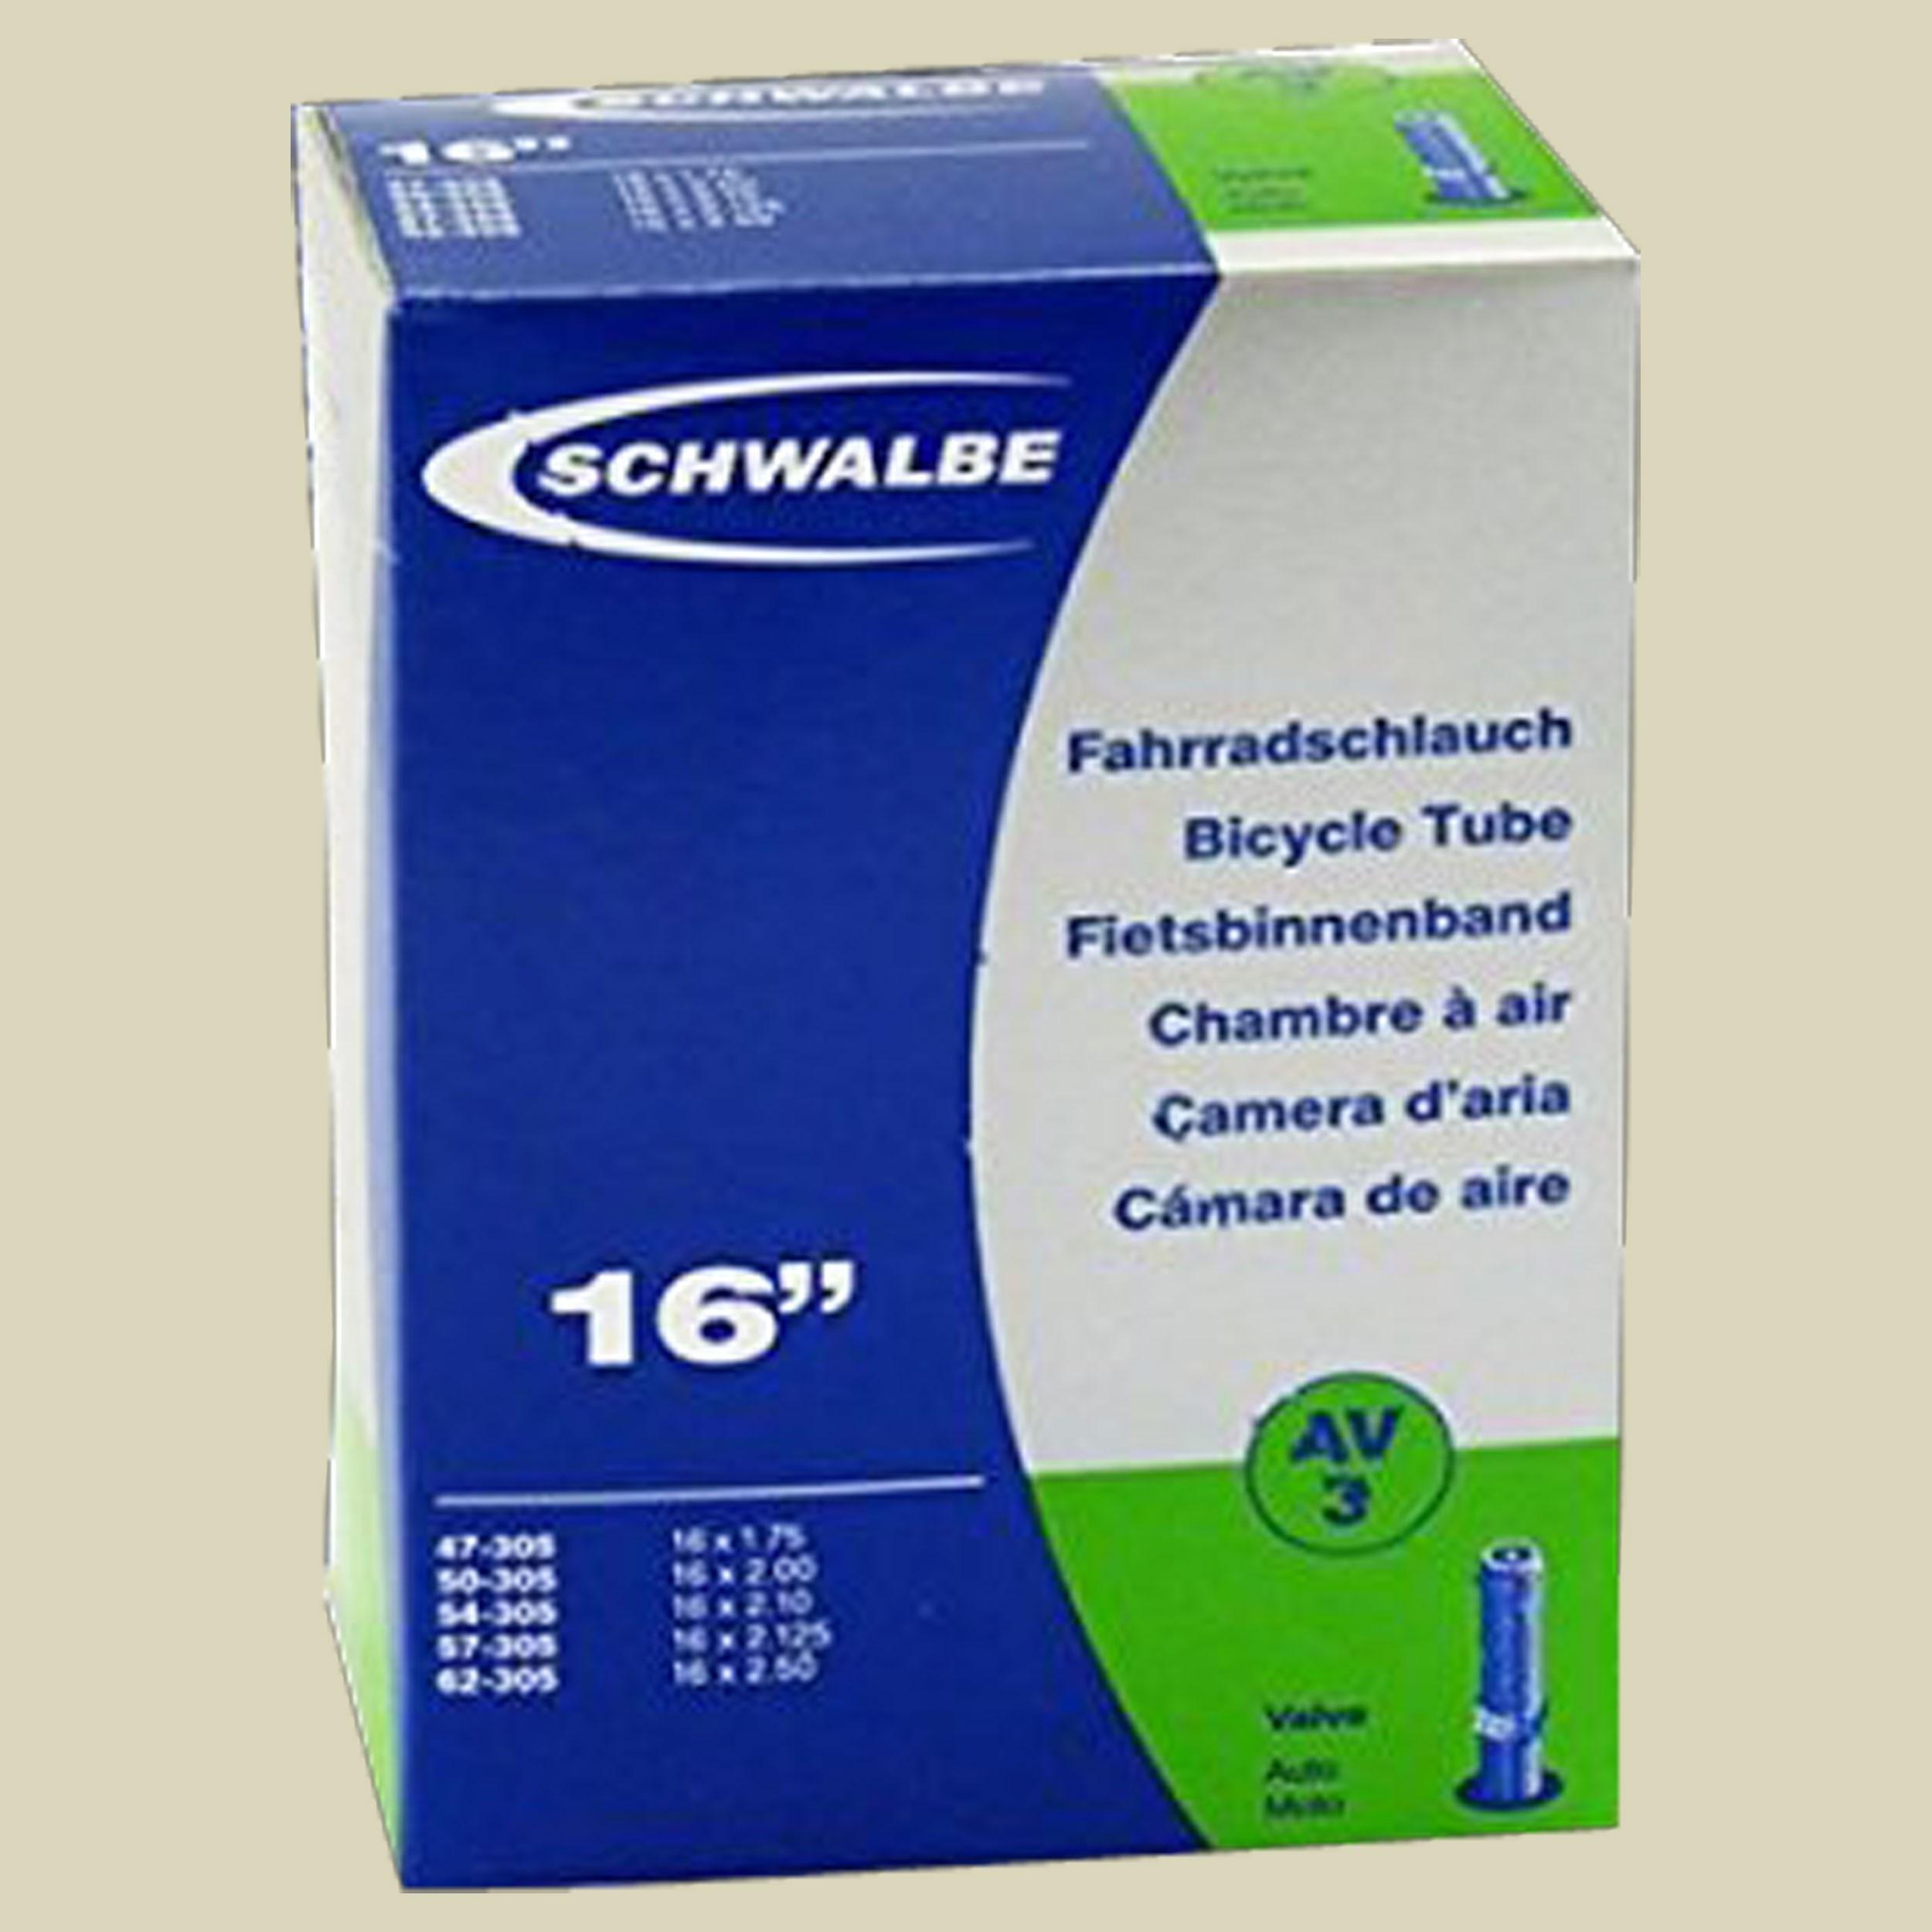 bico_schwalbe_fahrradschlauch_AV_ventil3_16zoll_fallback